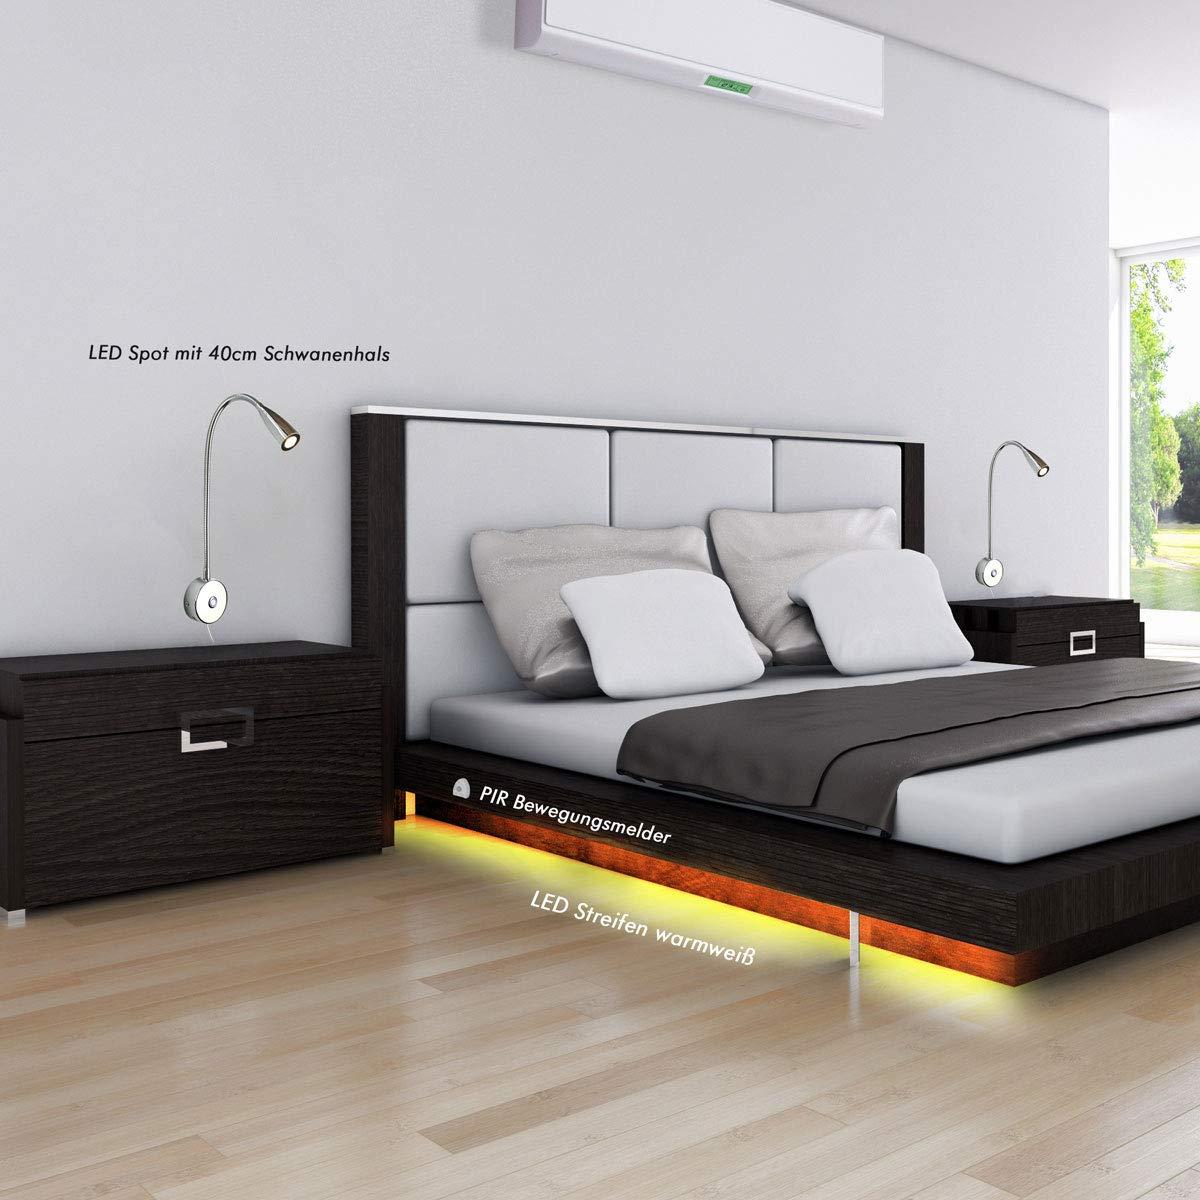 VBLED® Bettleuchte Leselampe 2,2W flexilber Schwanenhals 40cm (2,2W + 1,5m LED Streifen + PIR Sensor)